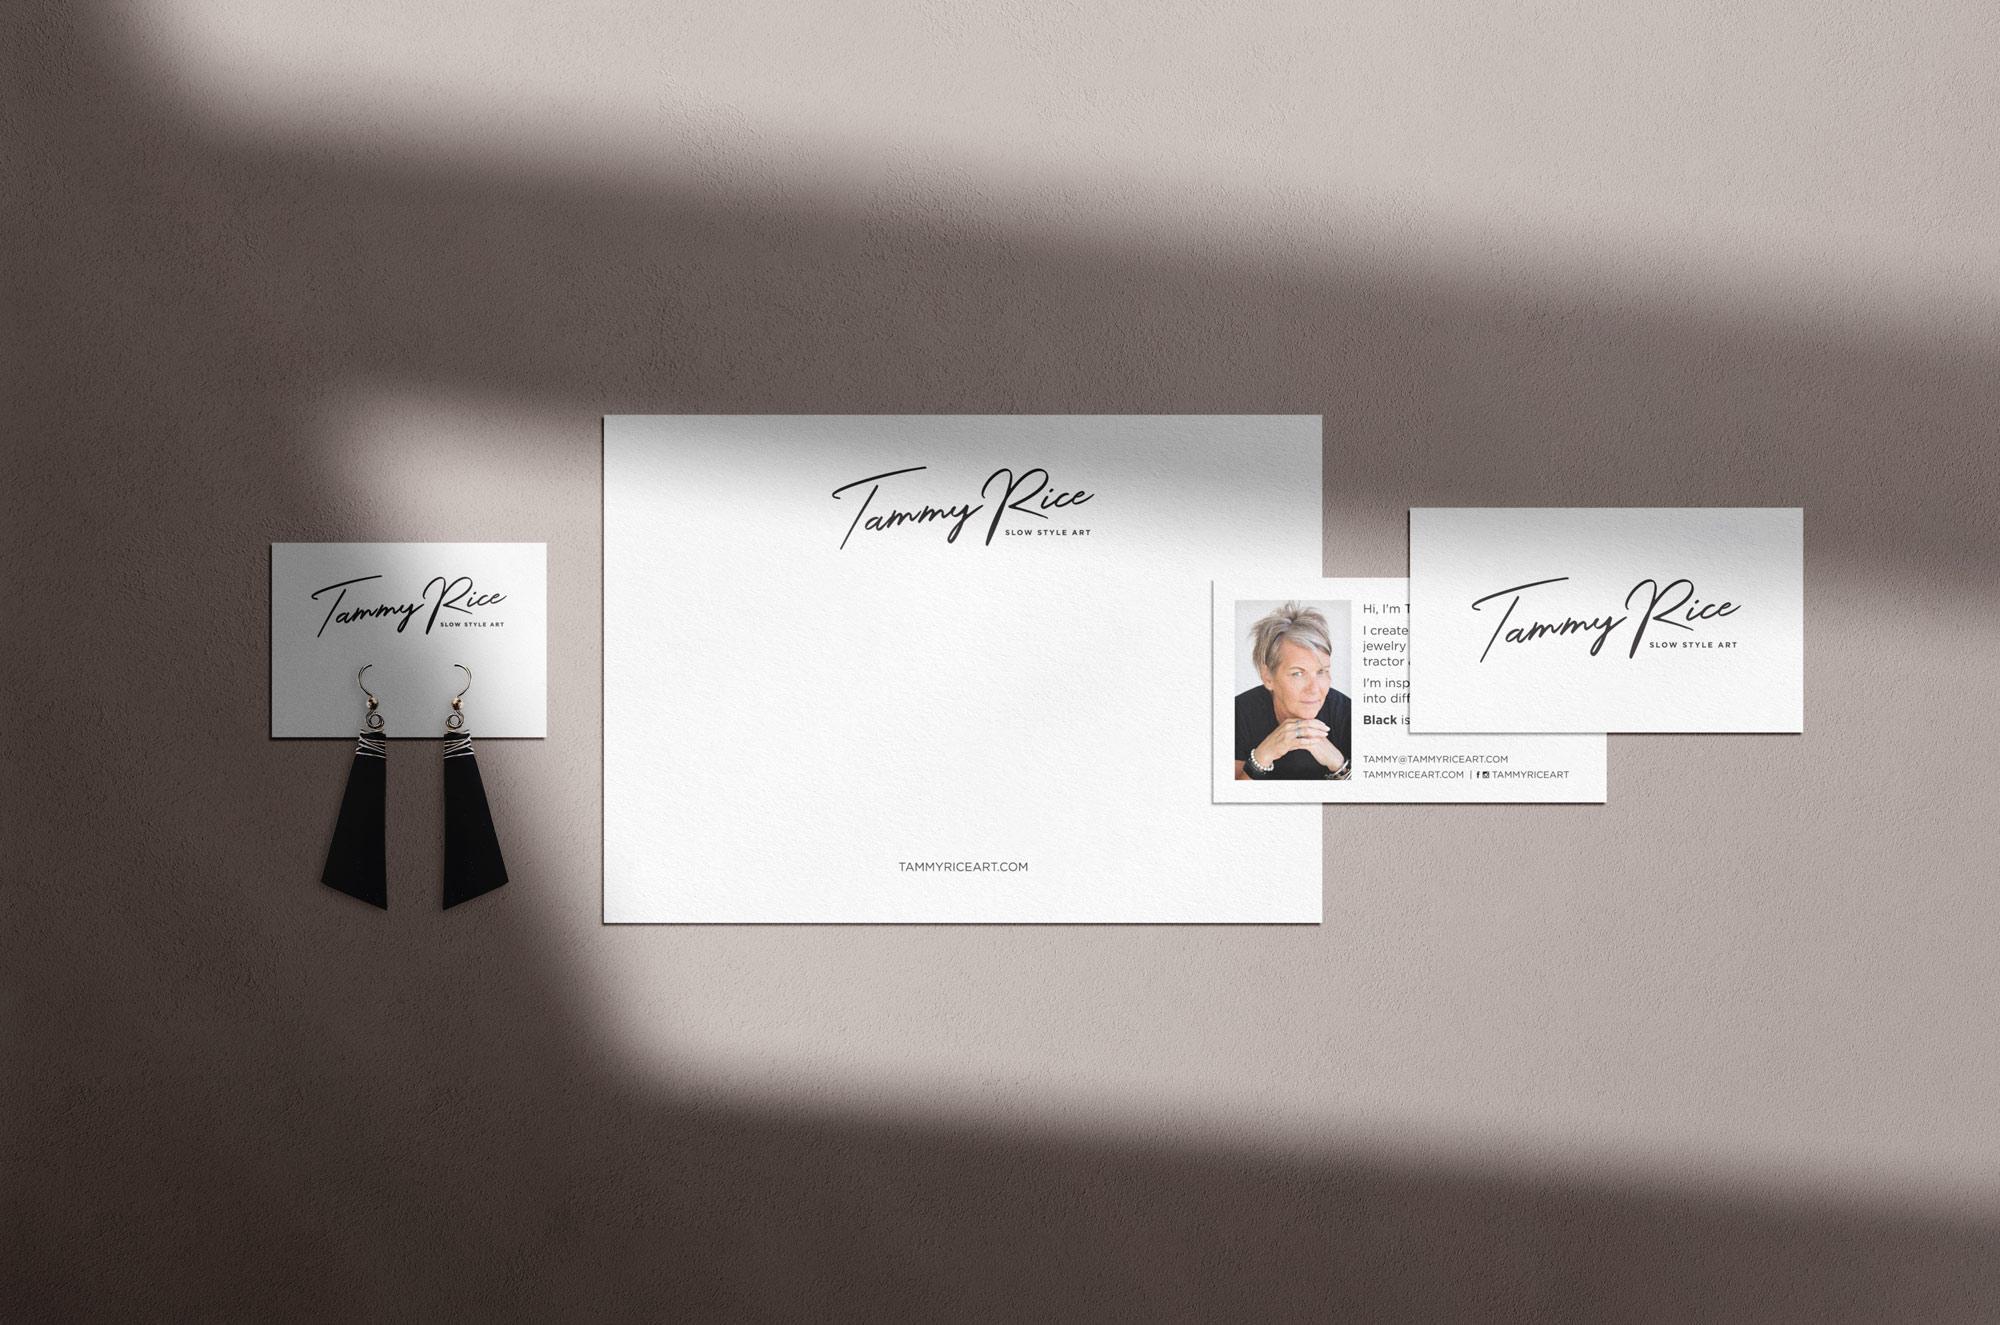 Tammy Rice Art Brand Identity